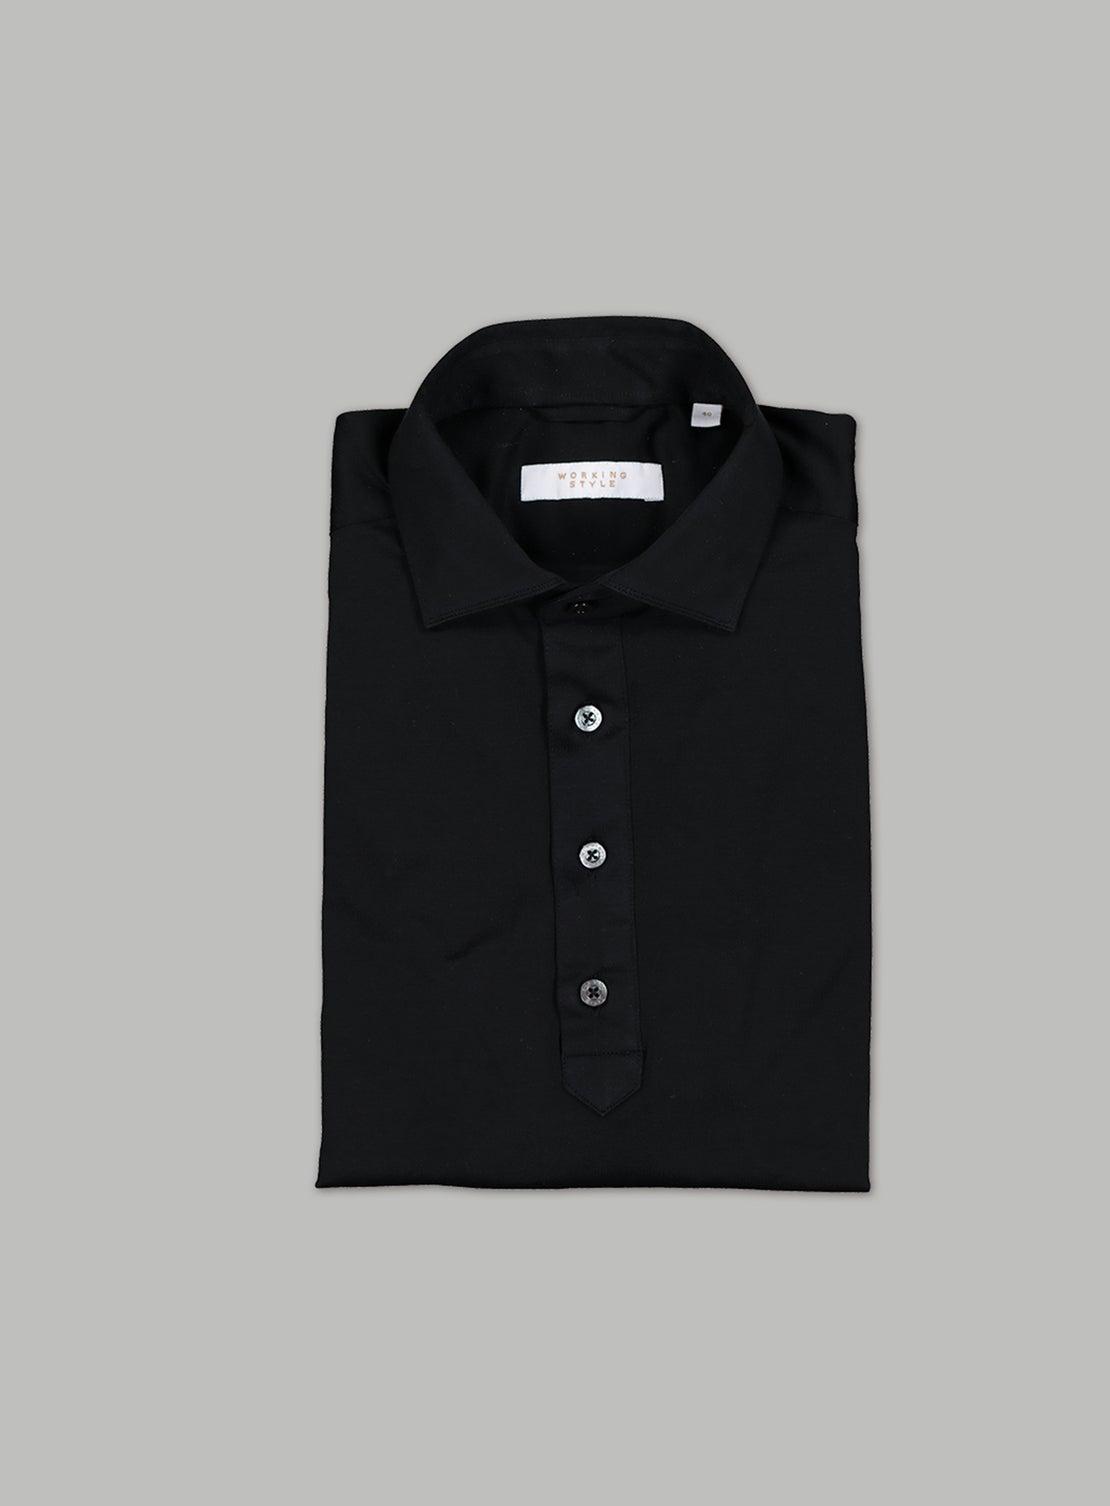 Black Mercerized Cotton Short Sleeved Shirt